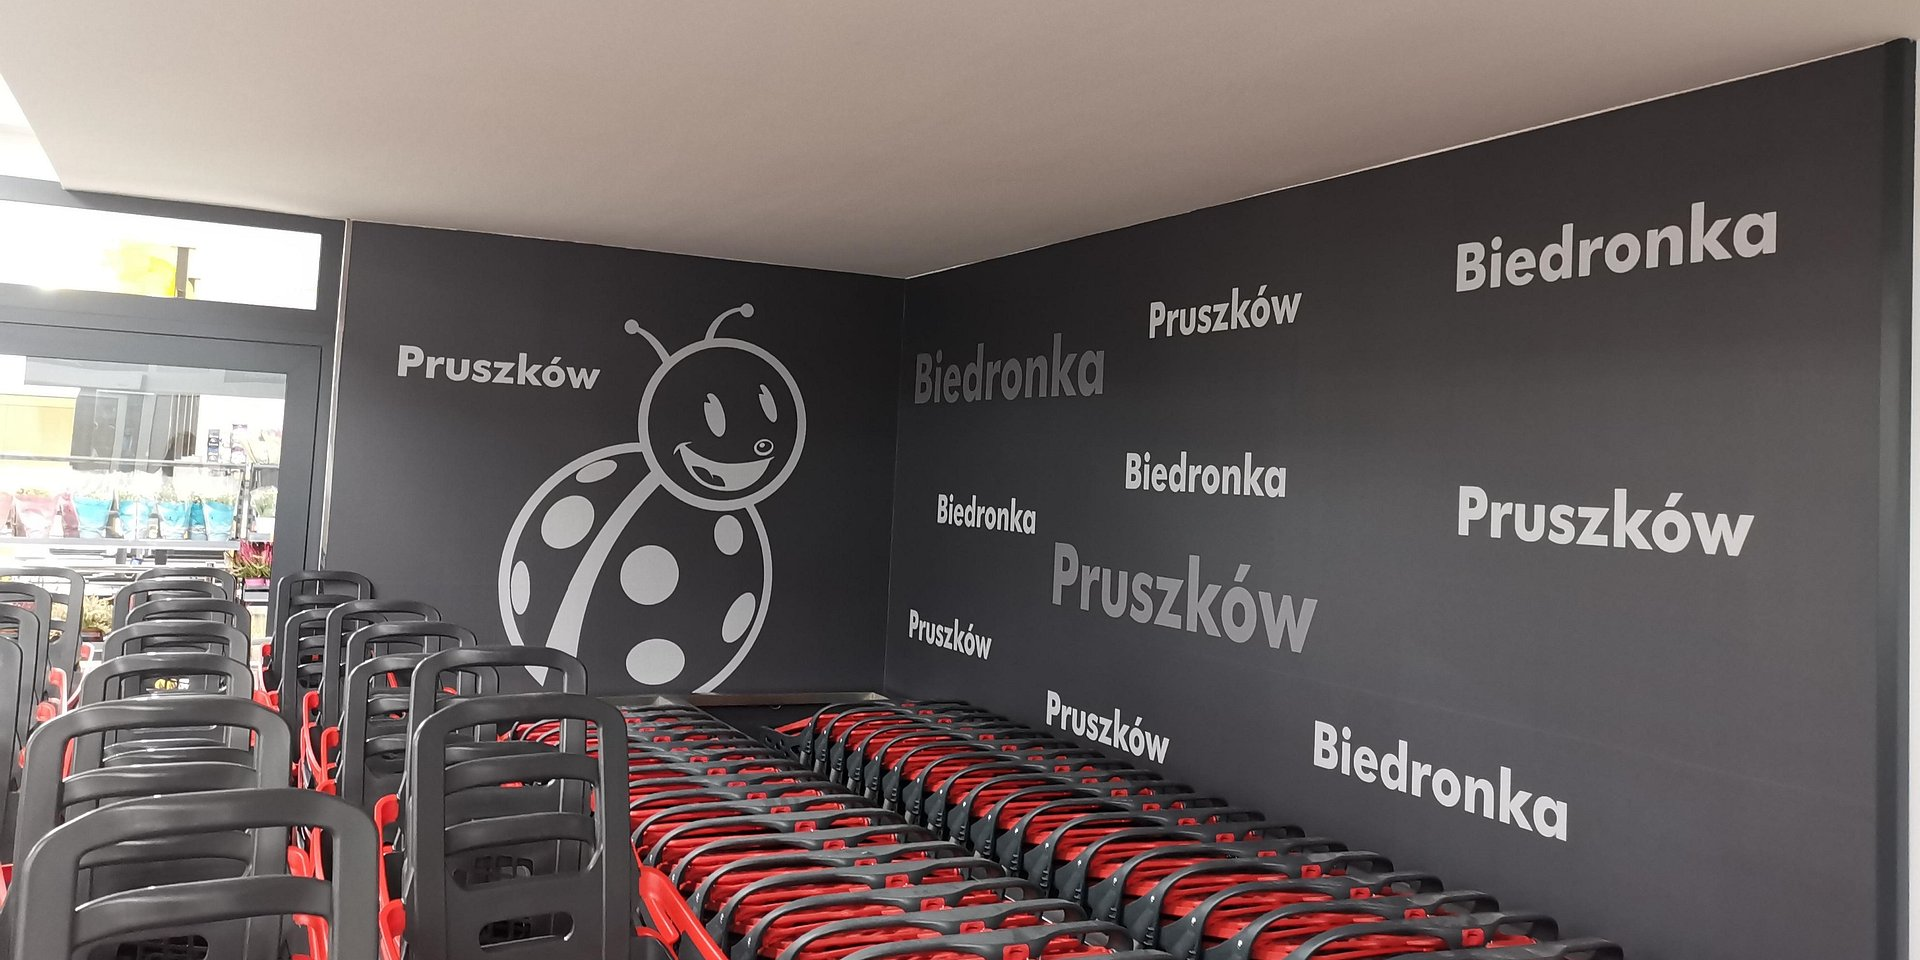 Nowa Biedronka w Pruszkowie z podziemnym parkingiem